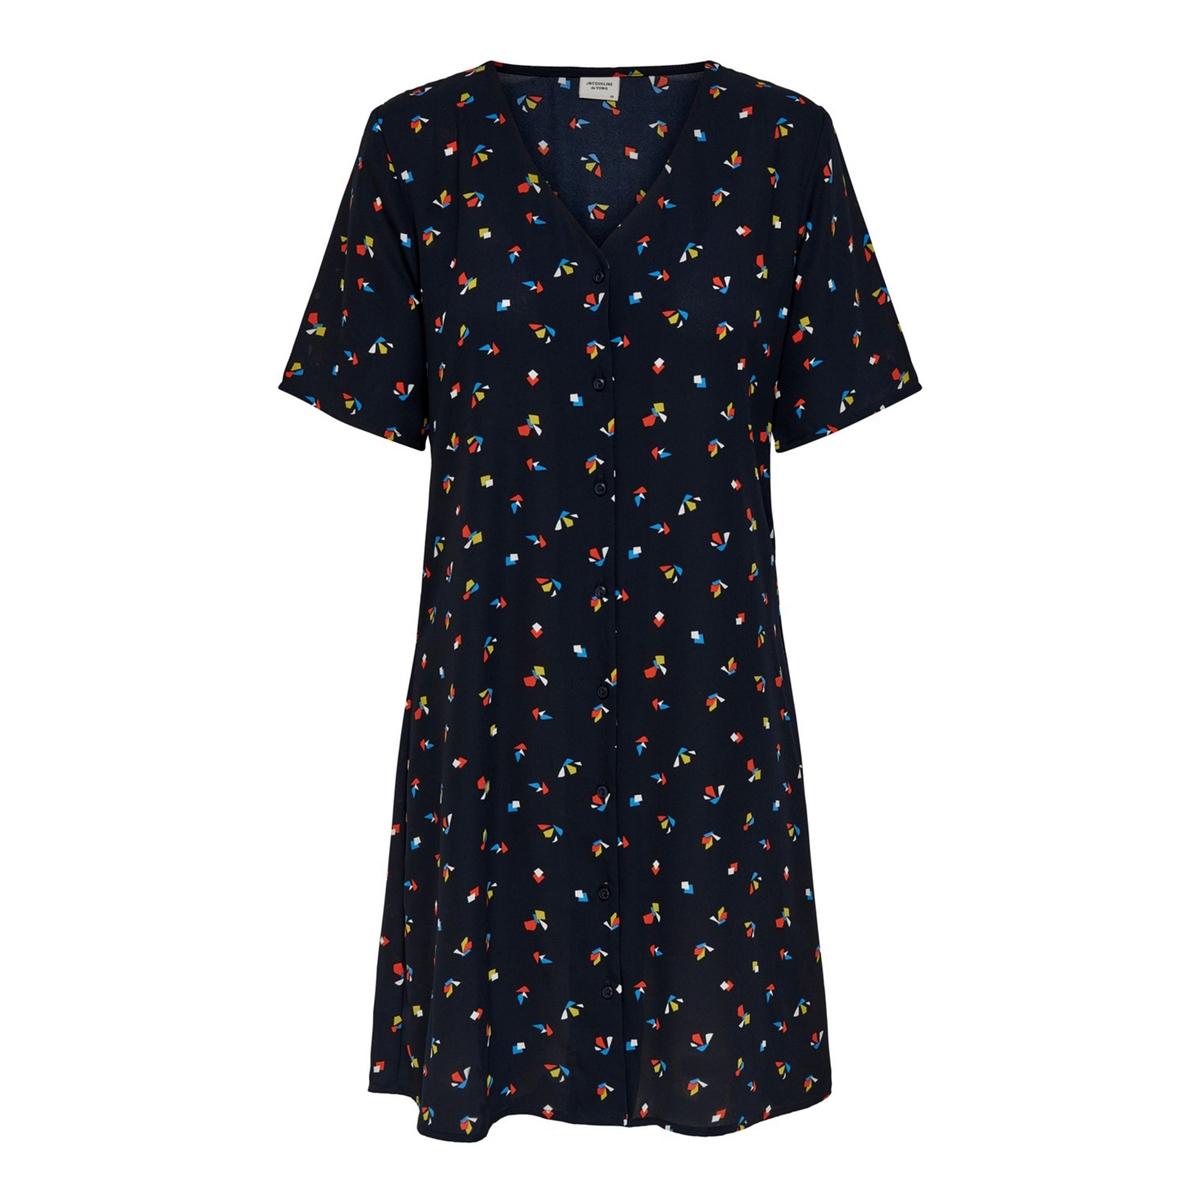 Платье La Redoute Короткое с цветочным рисунком и короткими рукавами 34 (FR) - 40 (RUS) синий платье la redoute прямое с цветочным рисунком и короткими рукавами 36 fr 42 rus зеленый